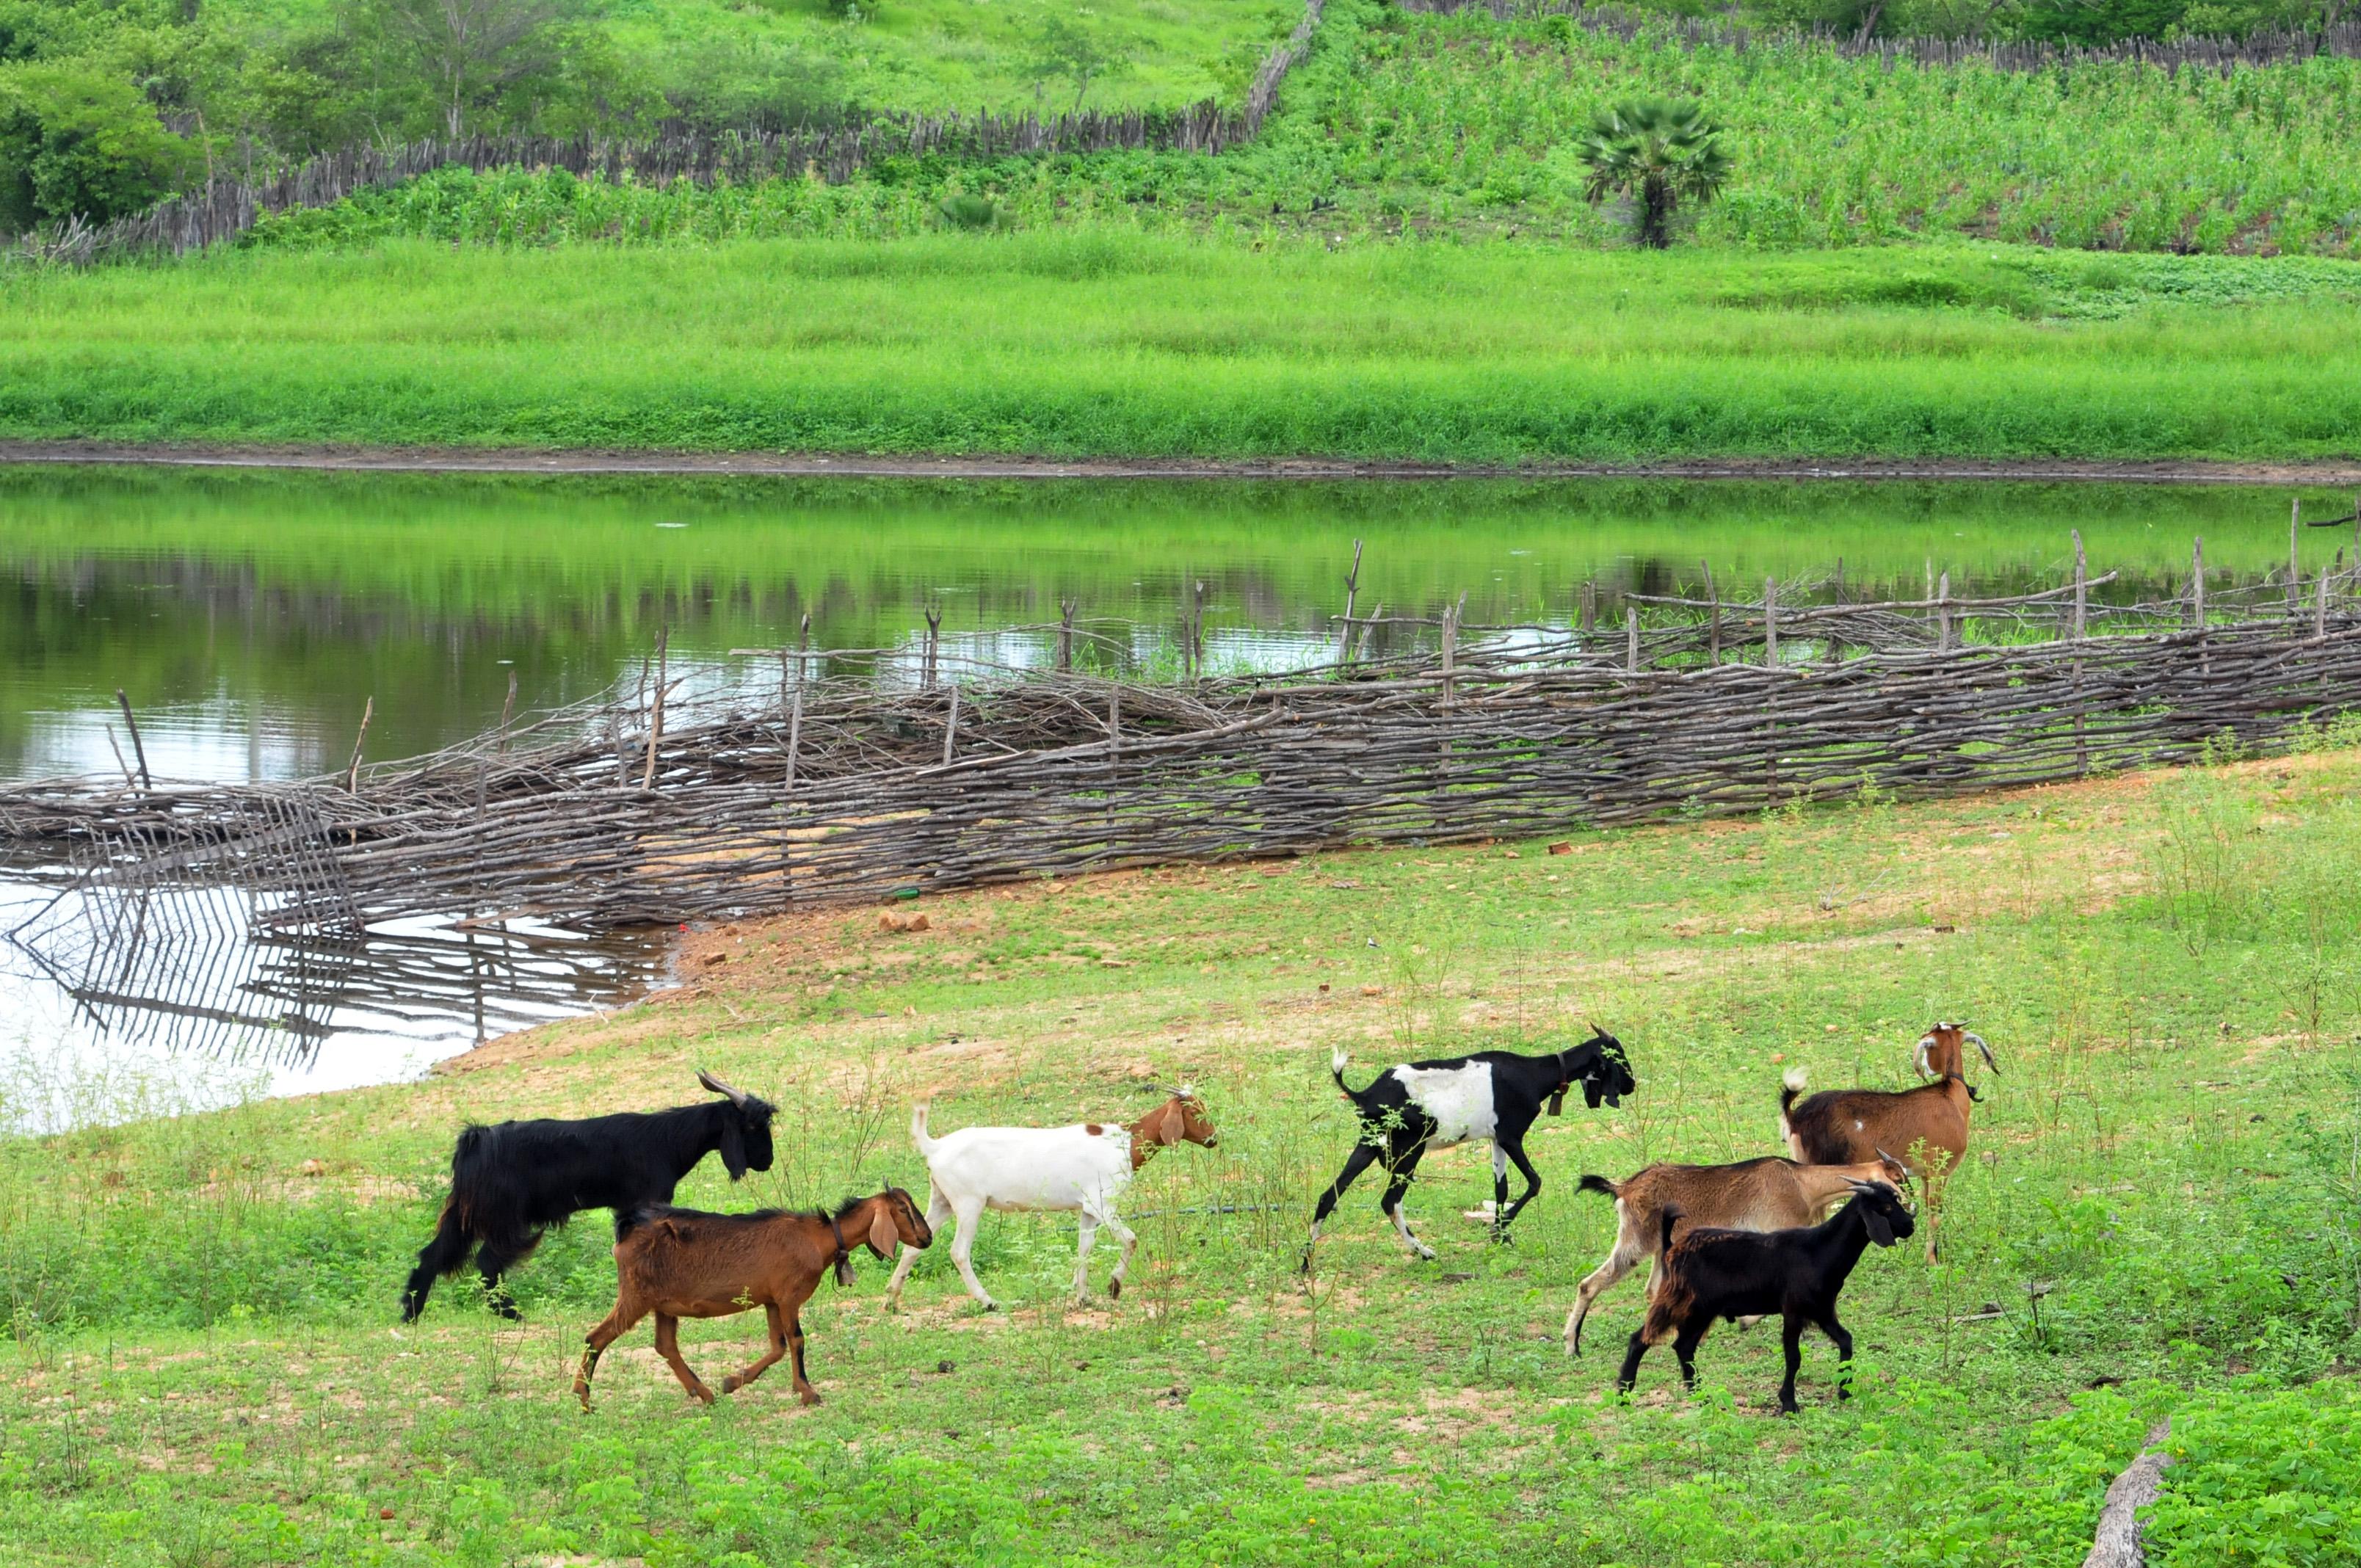 Prêmio reconhece projetos de combate à seca